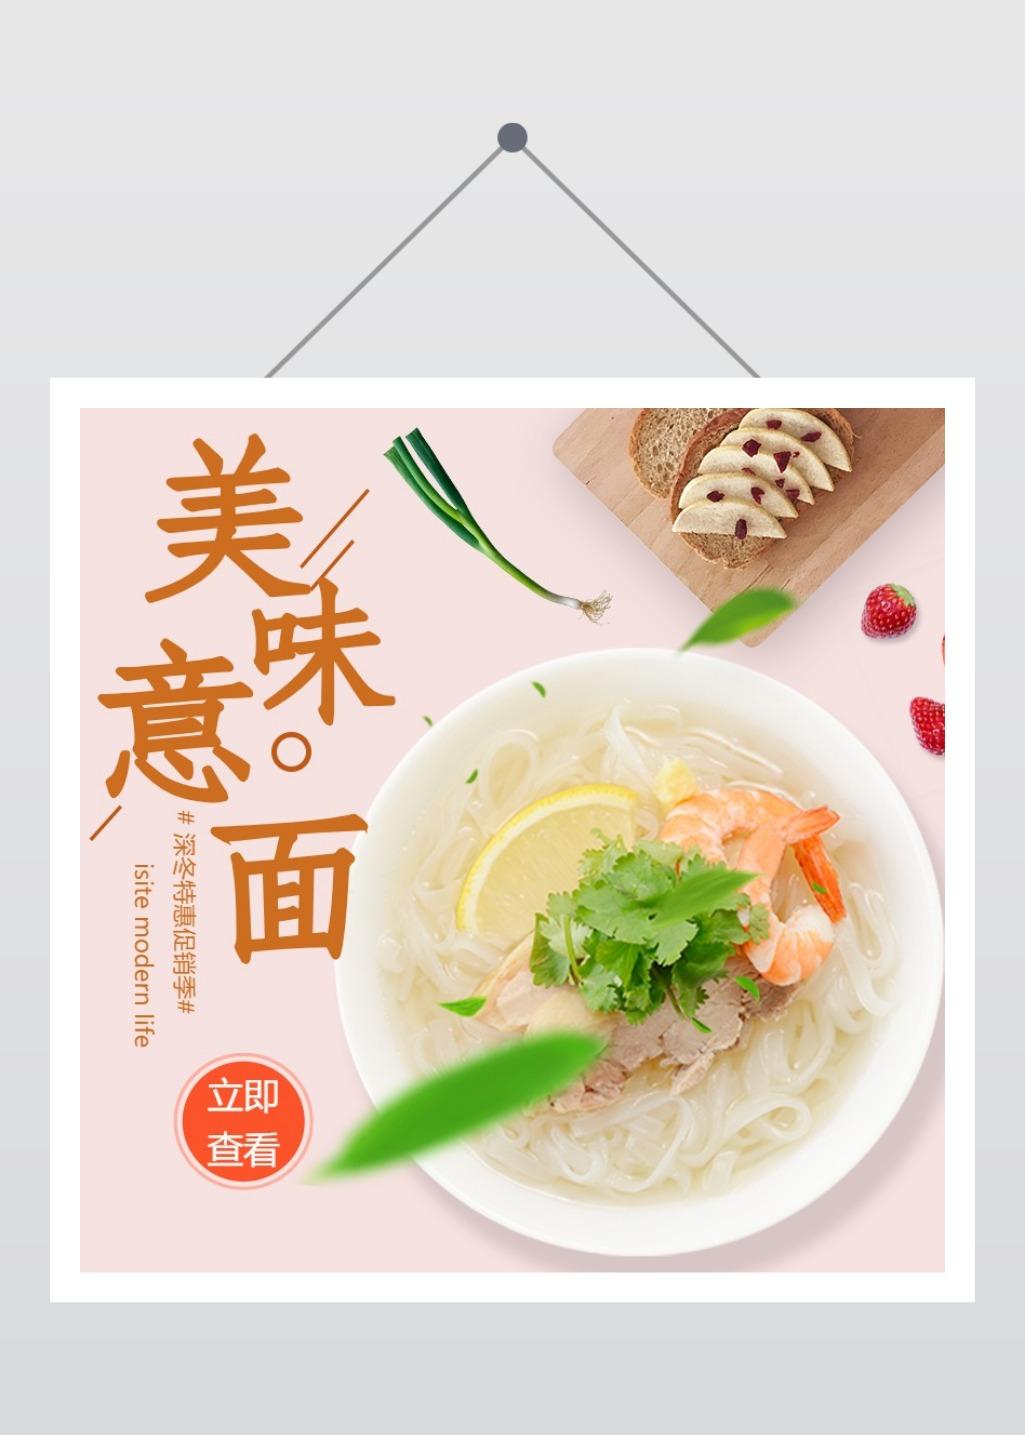 清新简约餐饮美食西餐意面推广电商主图